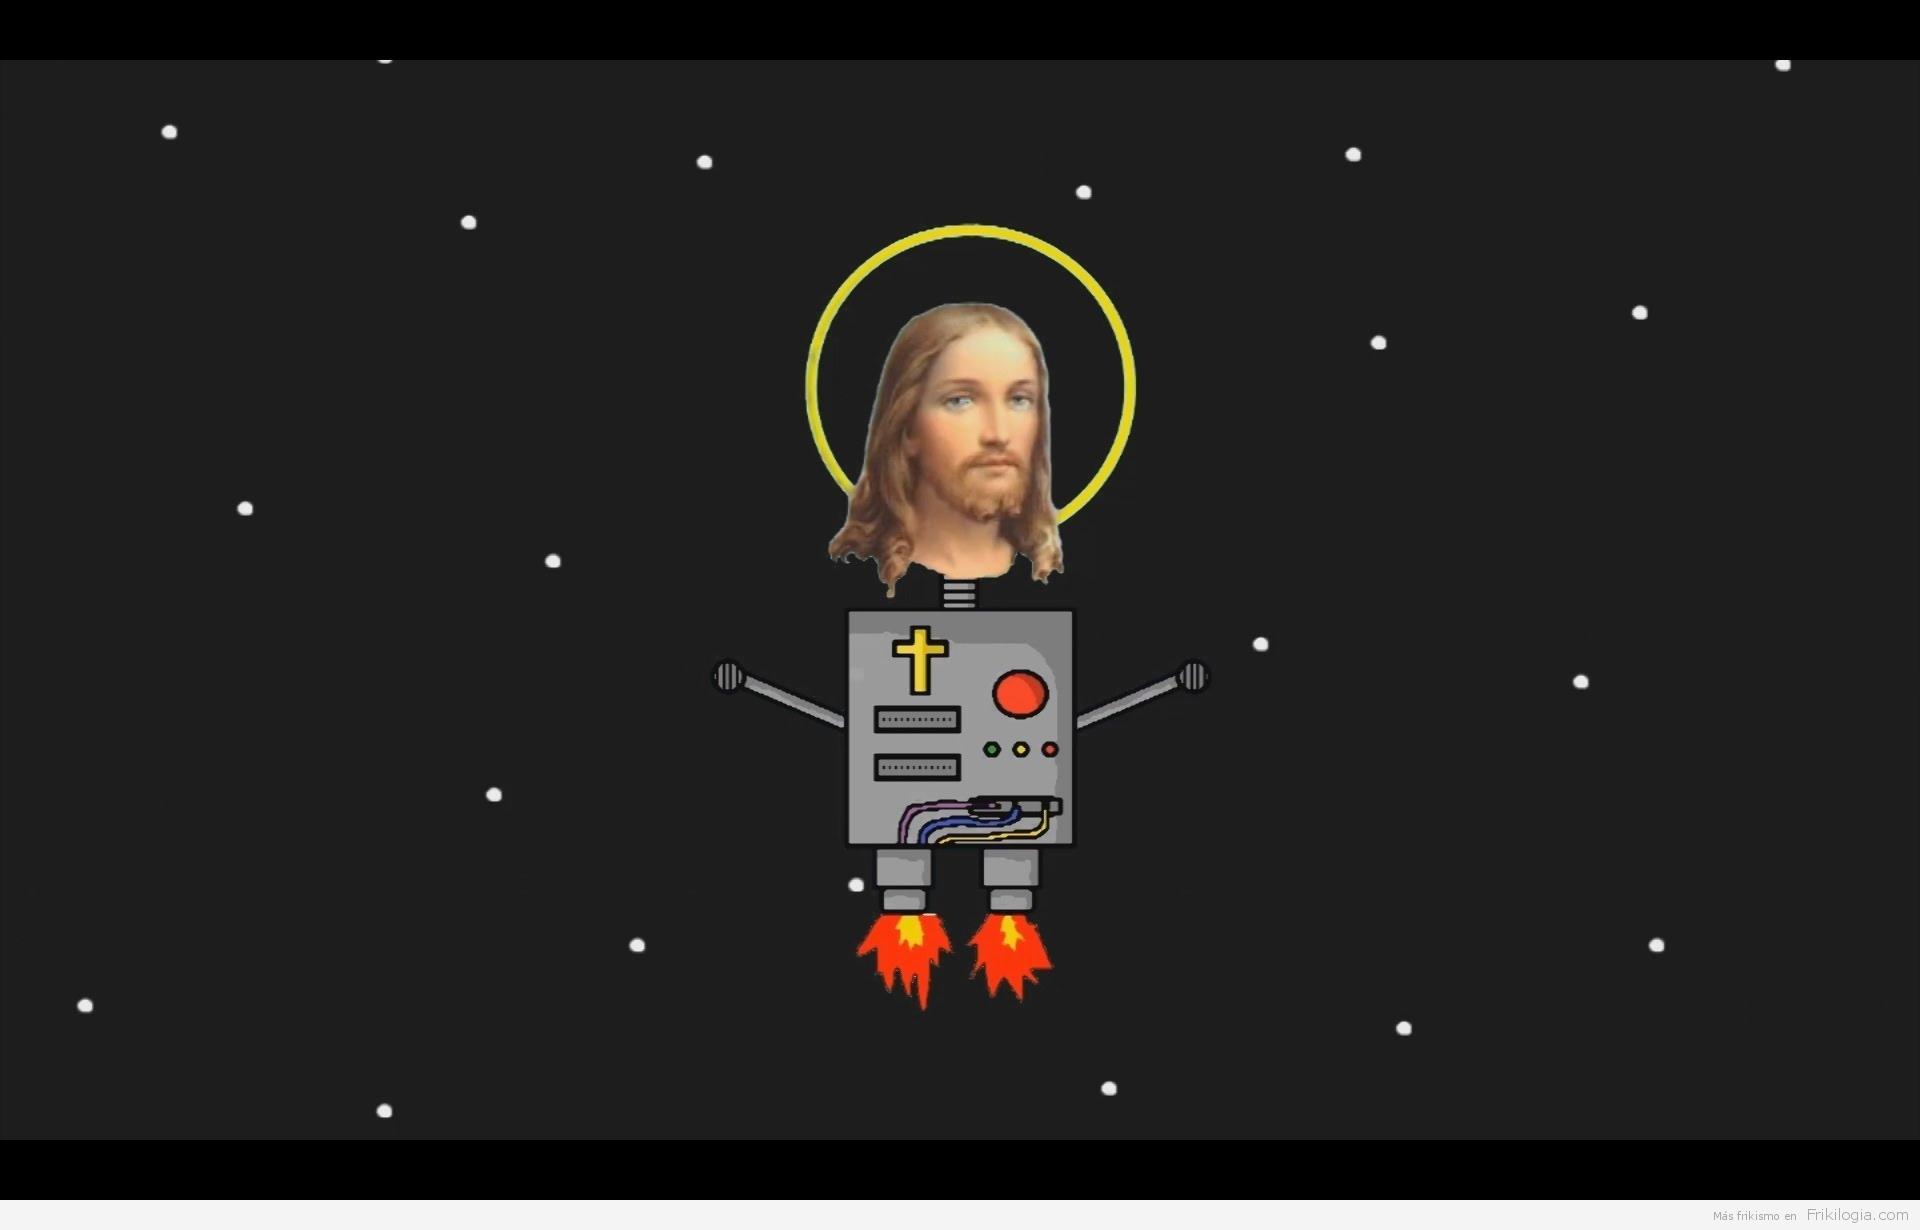 Lo ultimo de Zorman y a dormir [Jesucristo el robot del futuro]